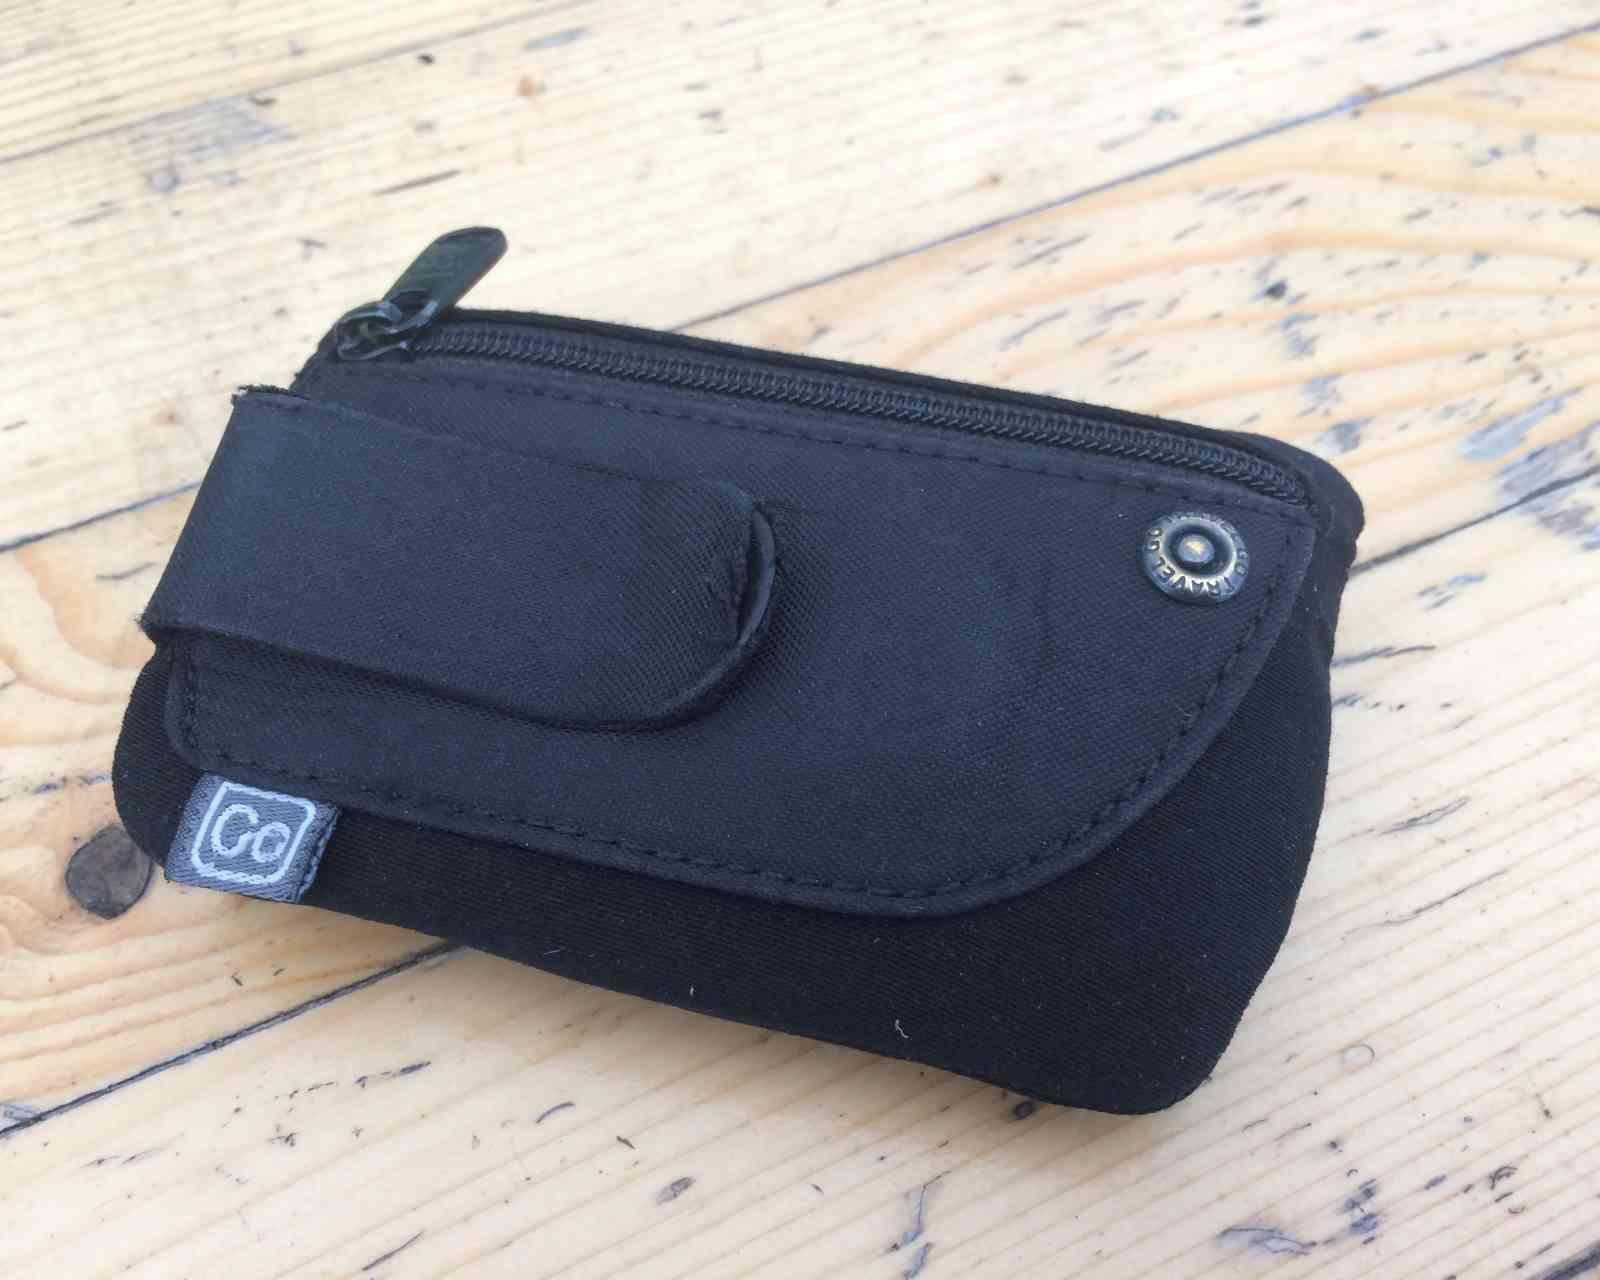 Unauffälliges EDC - Die Tasche